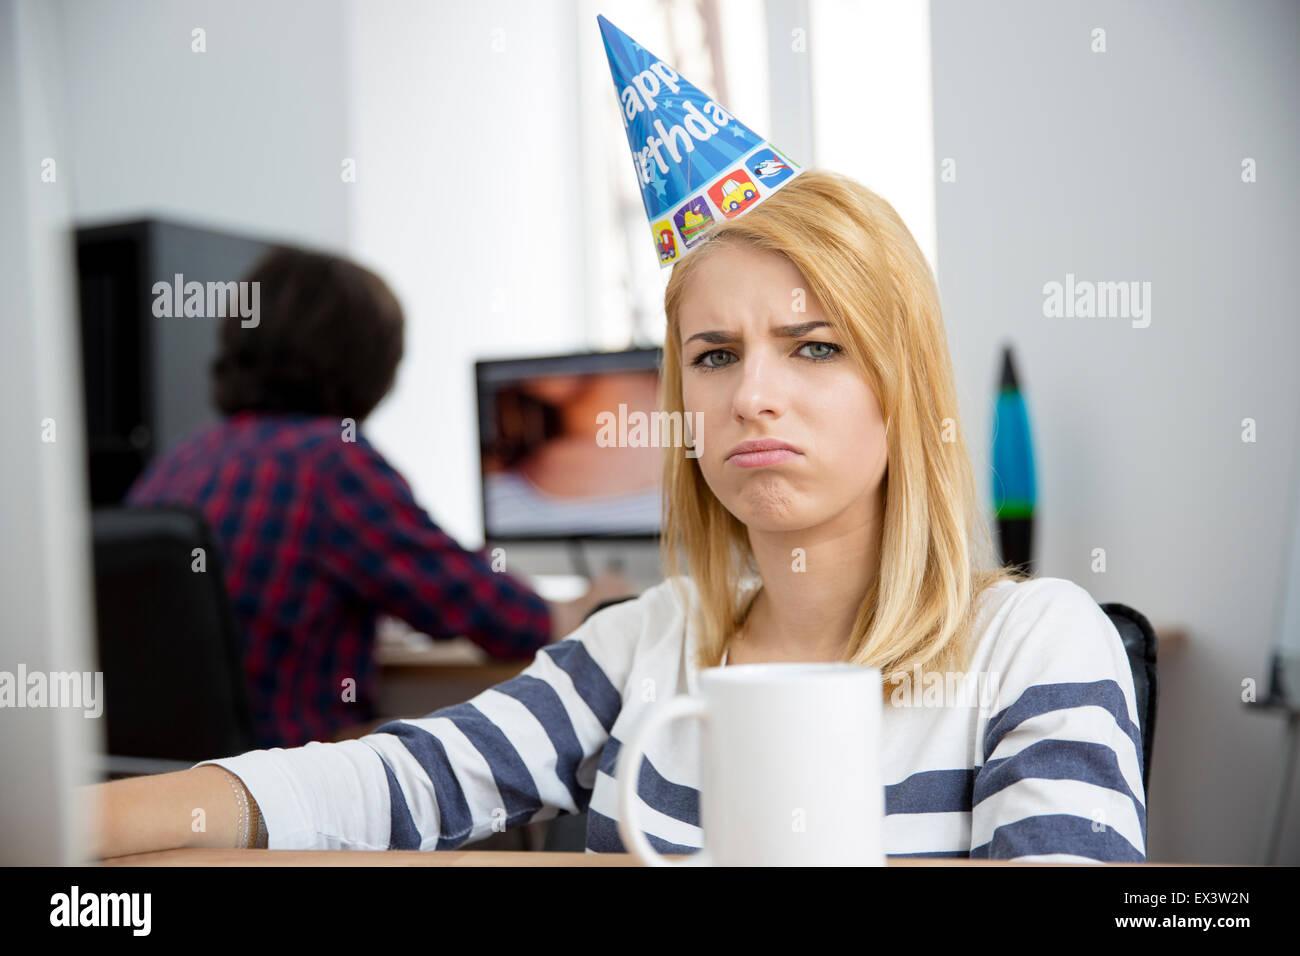 Traurige Frau mit Geburtstag Hut am Tisch im Büro sitzen und Blick in die Kamera Stockbild